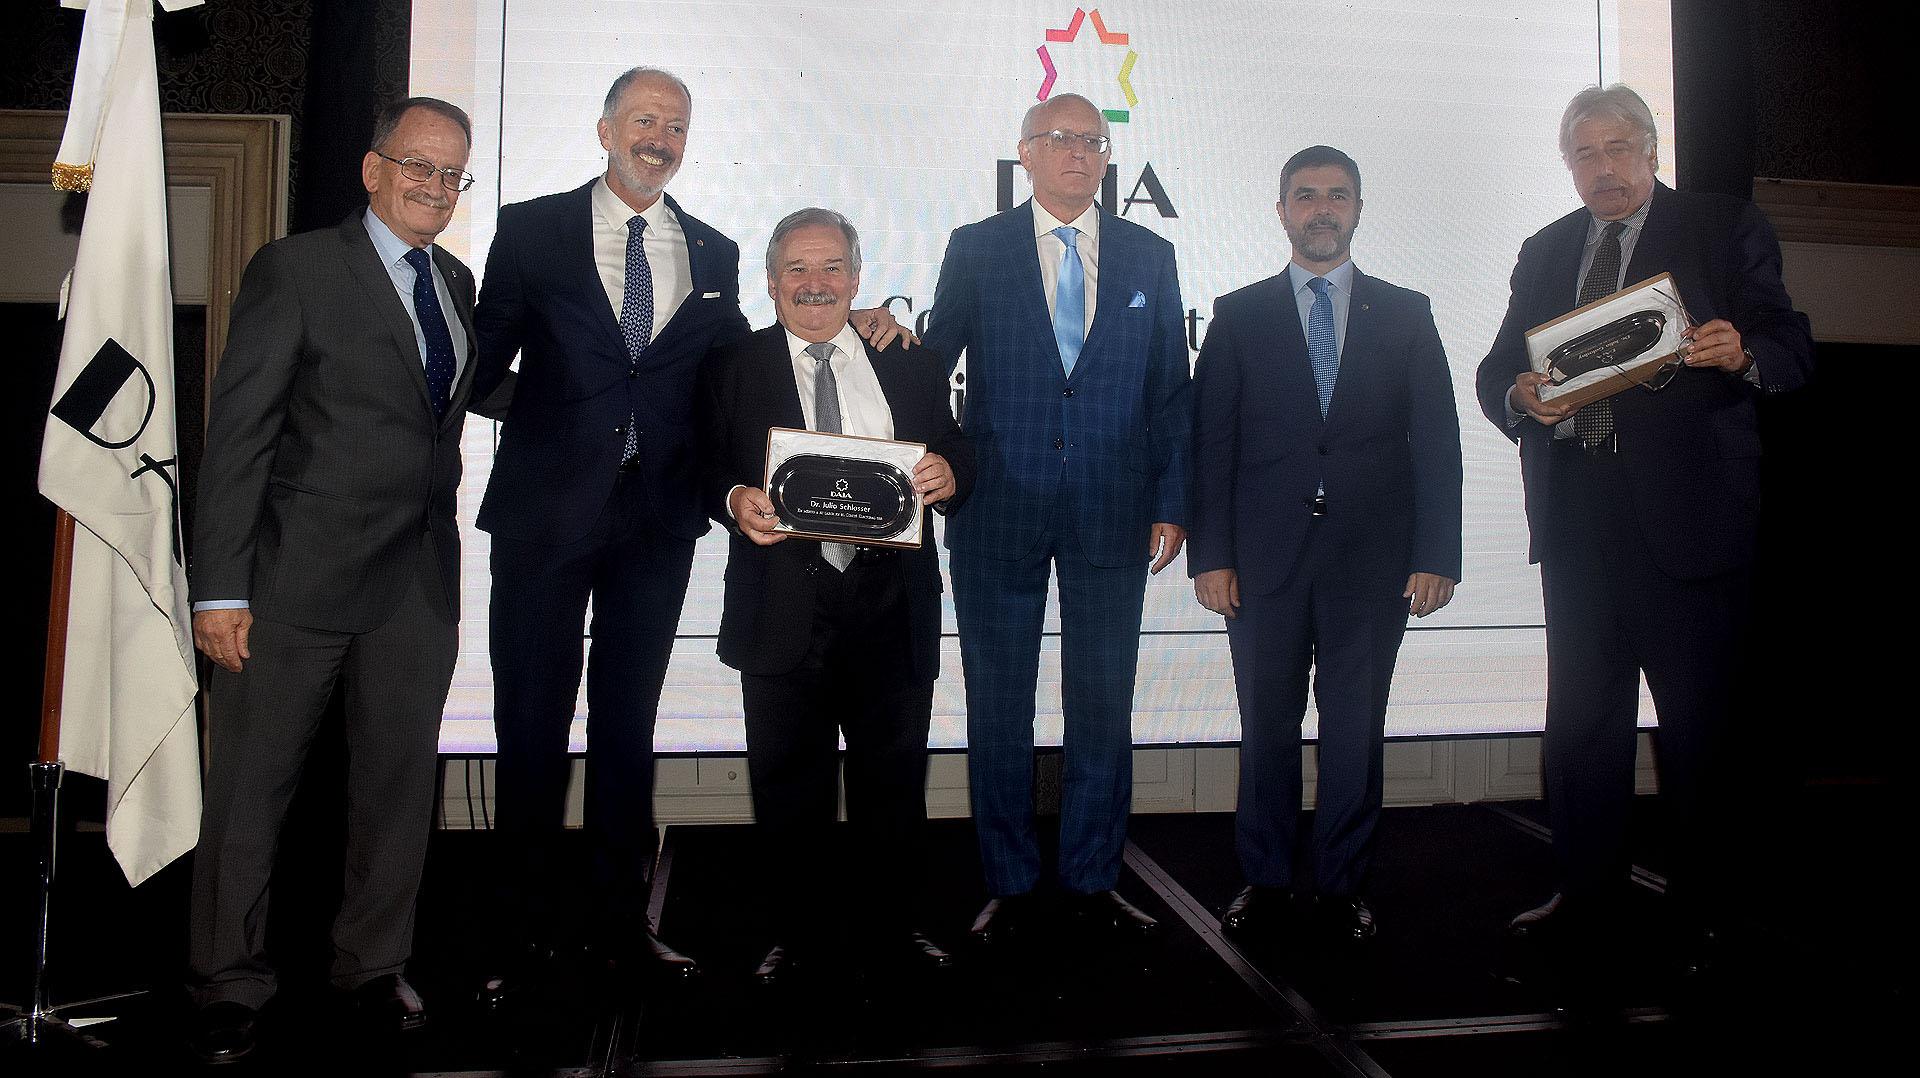 El ex presidente de la DAIA, Julio Schlosser, y Julio Golodny recibieron un reconocimiento por su desinteresada labor al frente del Comité Electoral 2018, que brindó transparencia al acto de elecciones del Consejo Directivo entrante